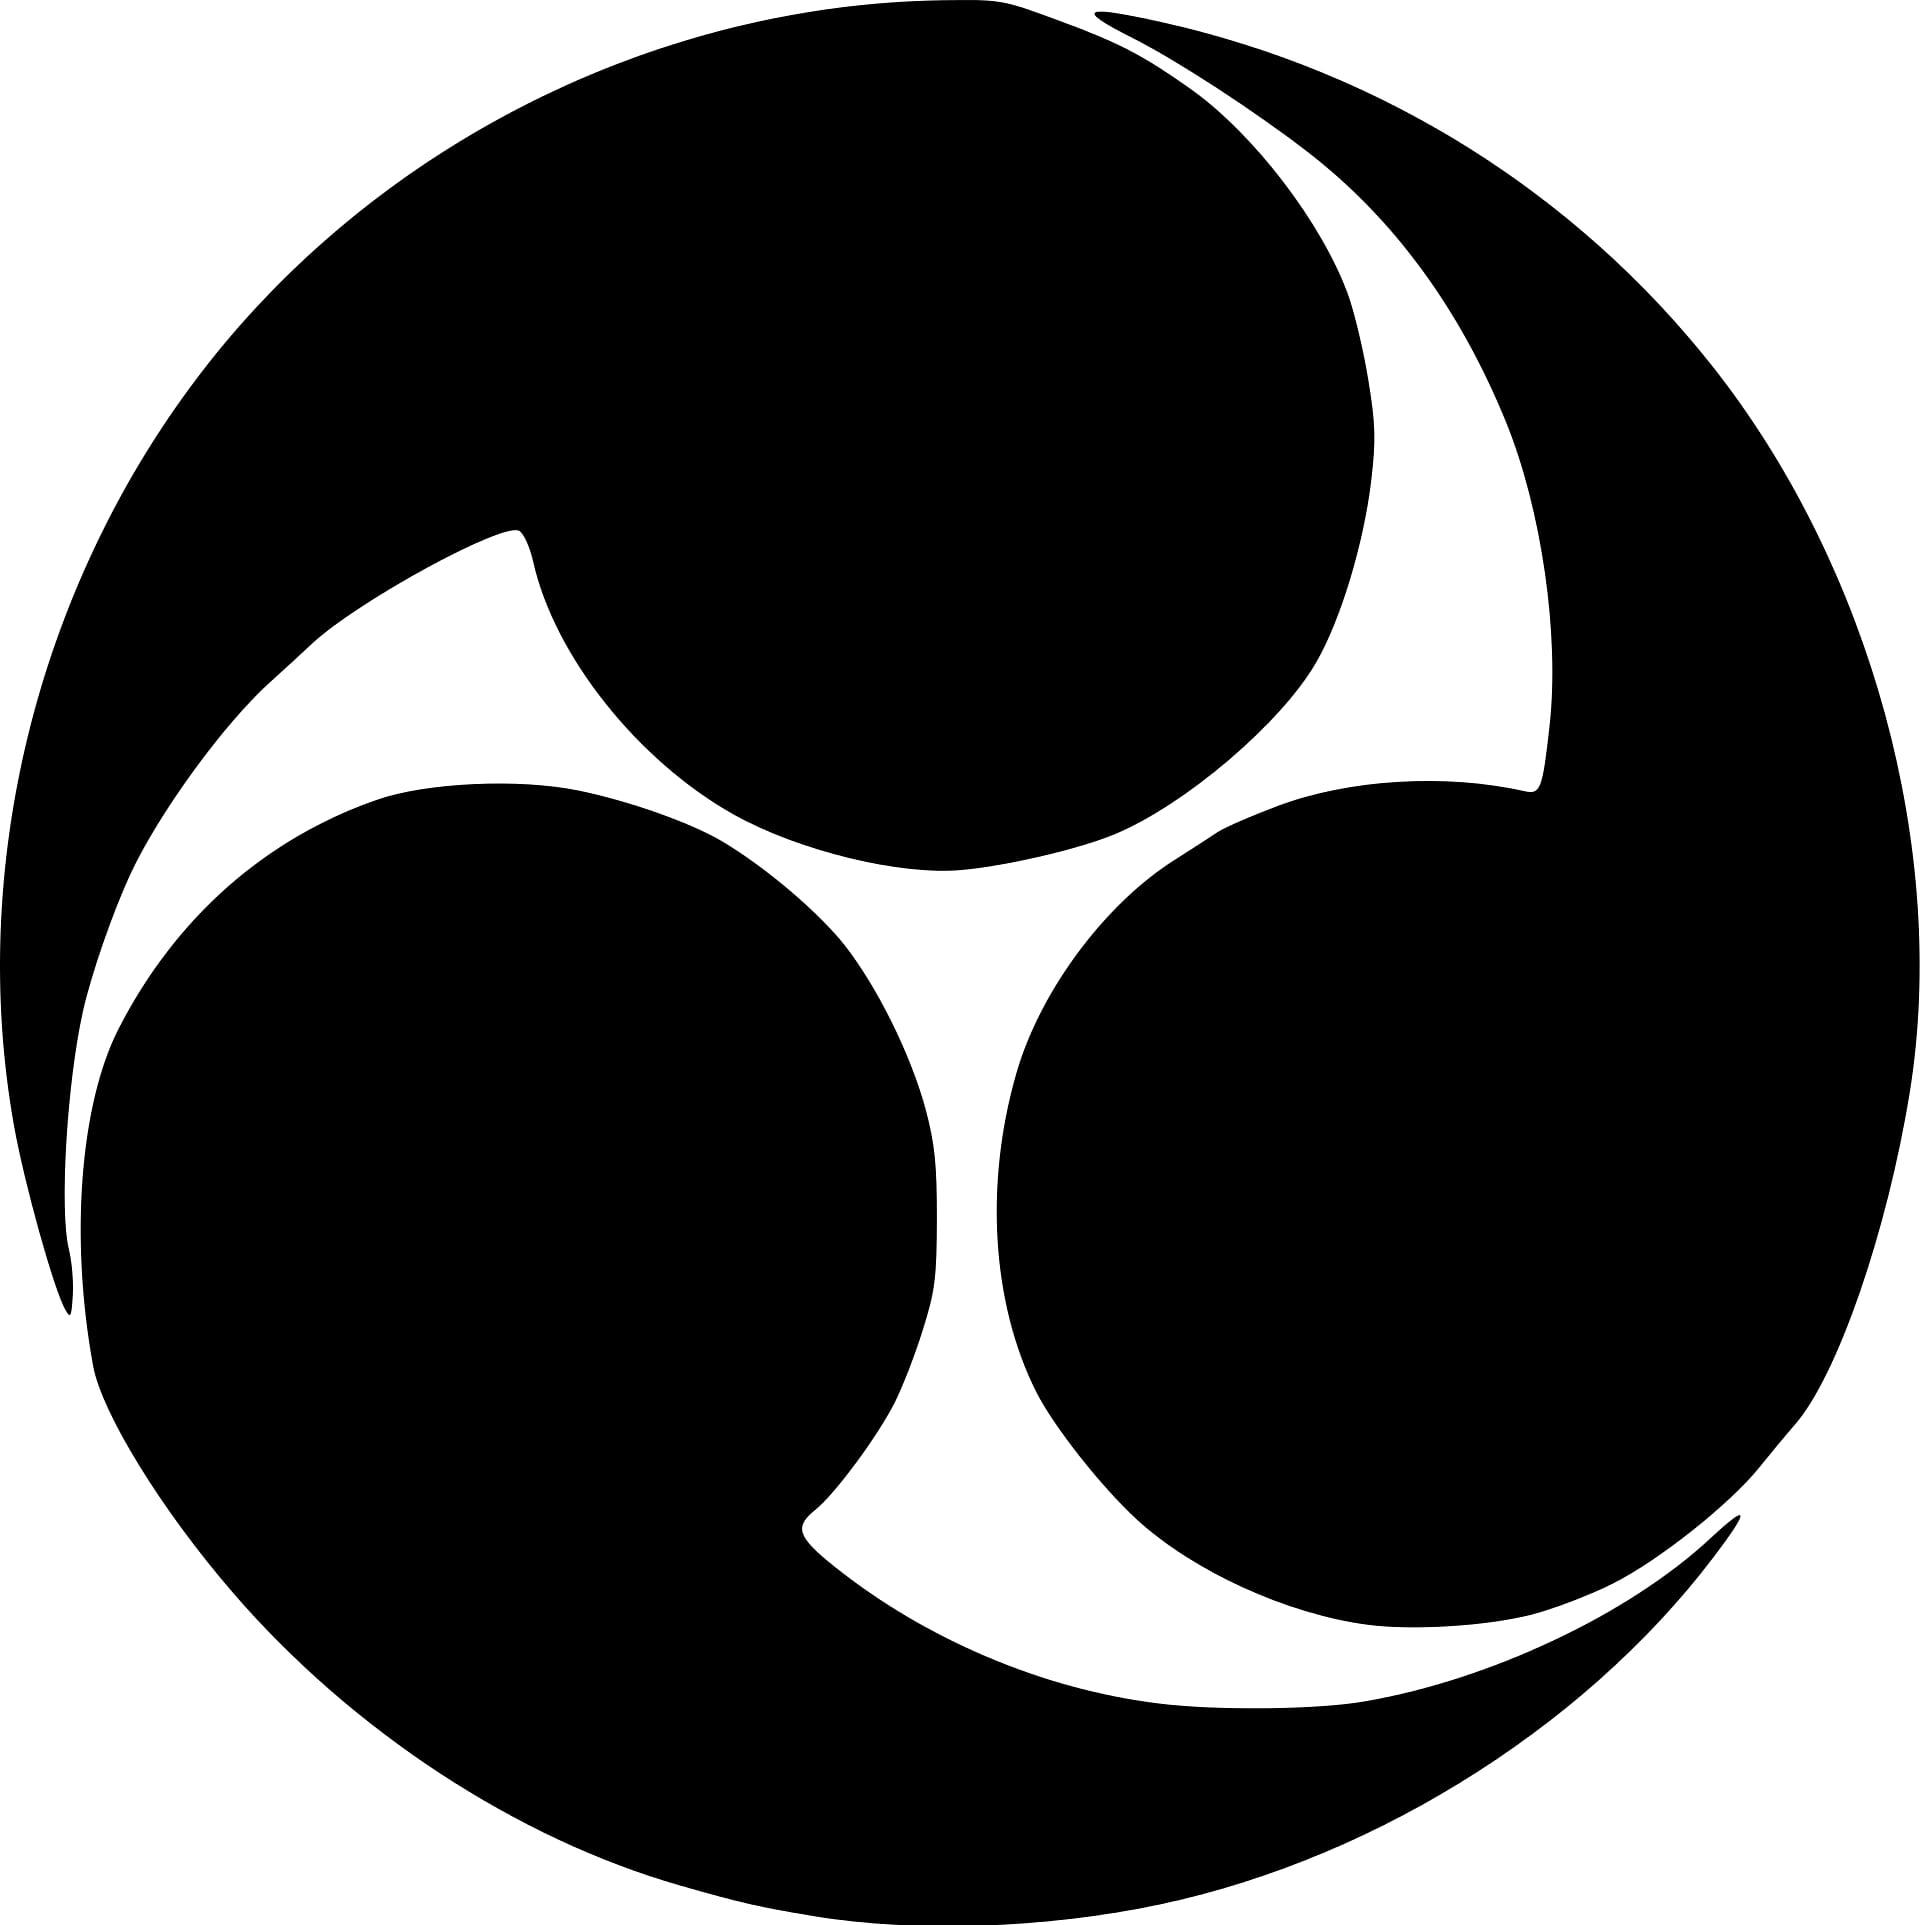 סמל ה-TOMOE. מקור - ויקיפדיה.